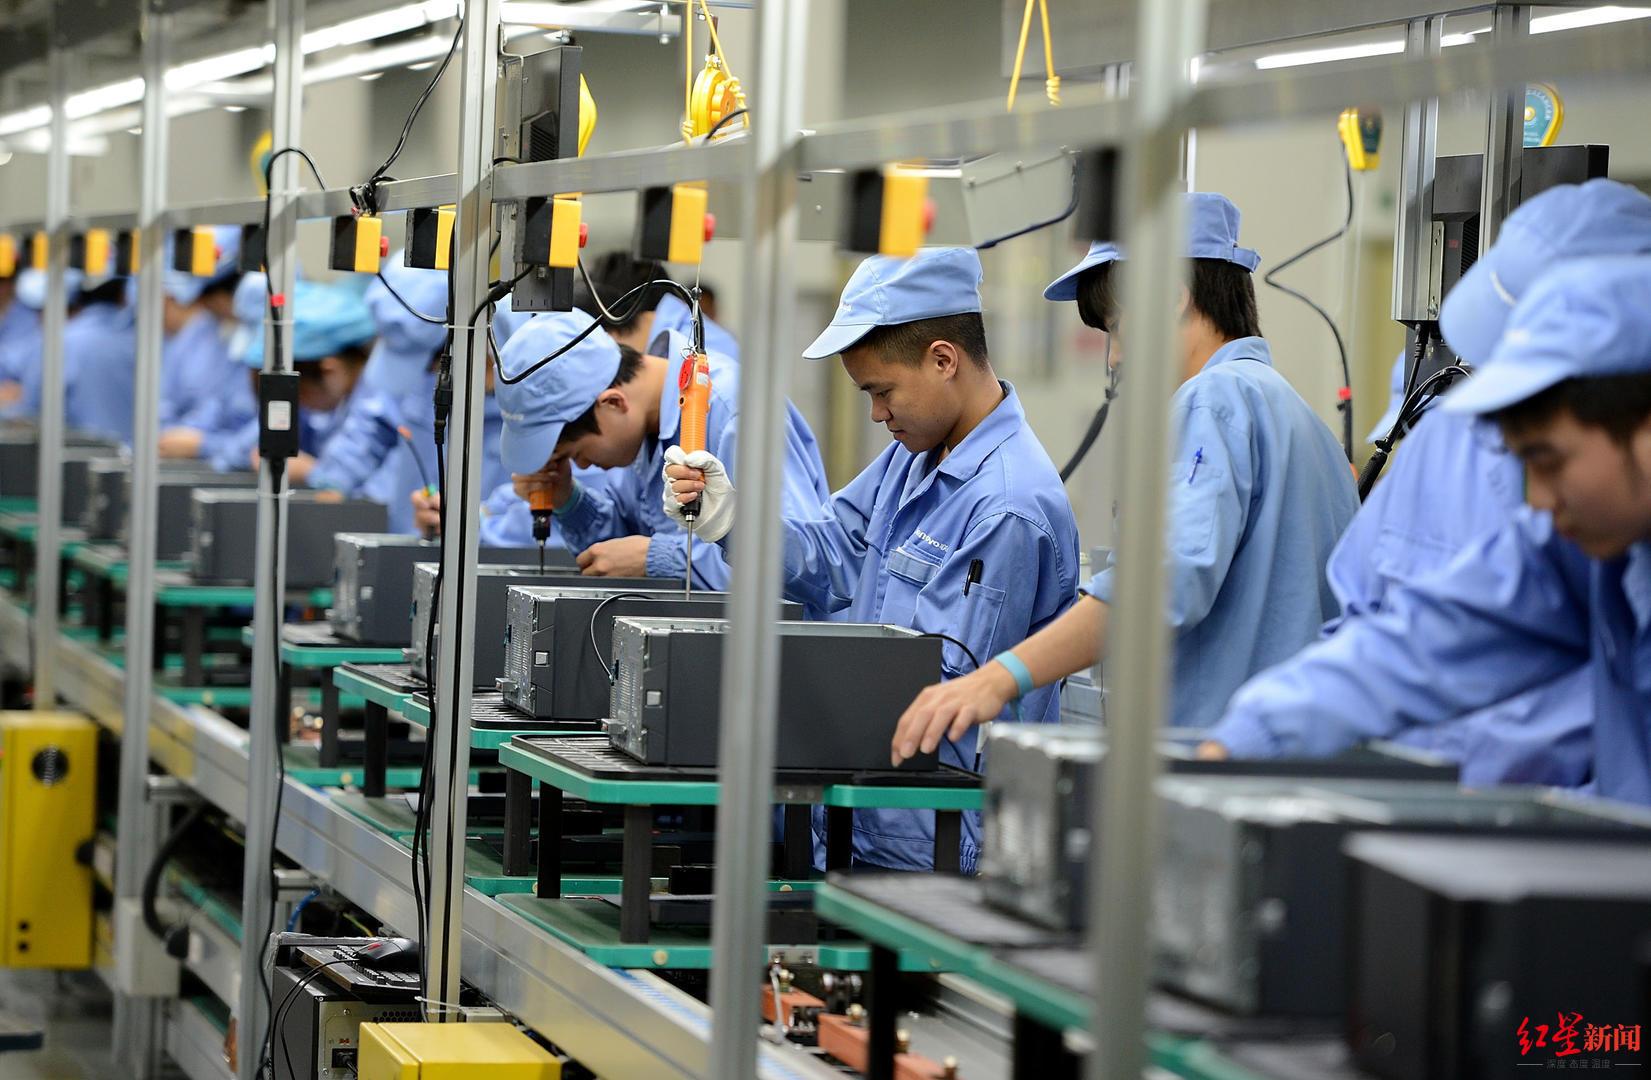 宏观经济形势严峻复杂,四季度四川经济如何冲刺?